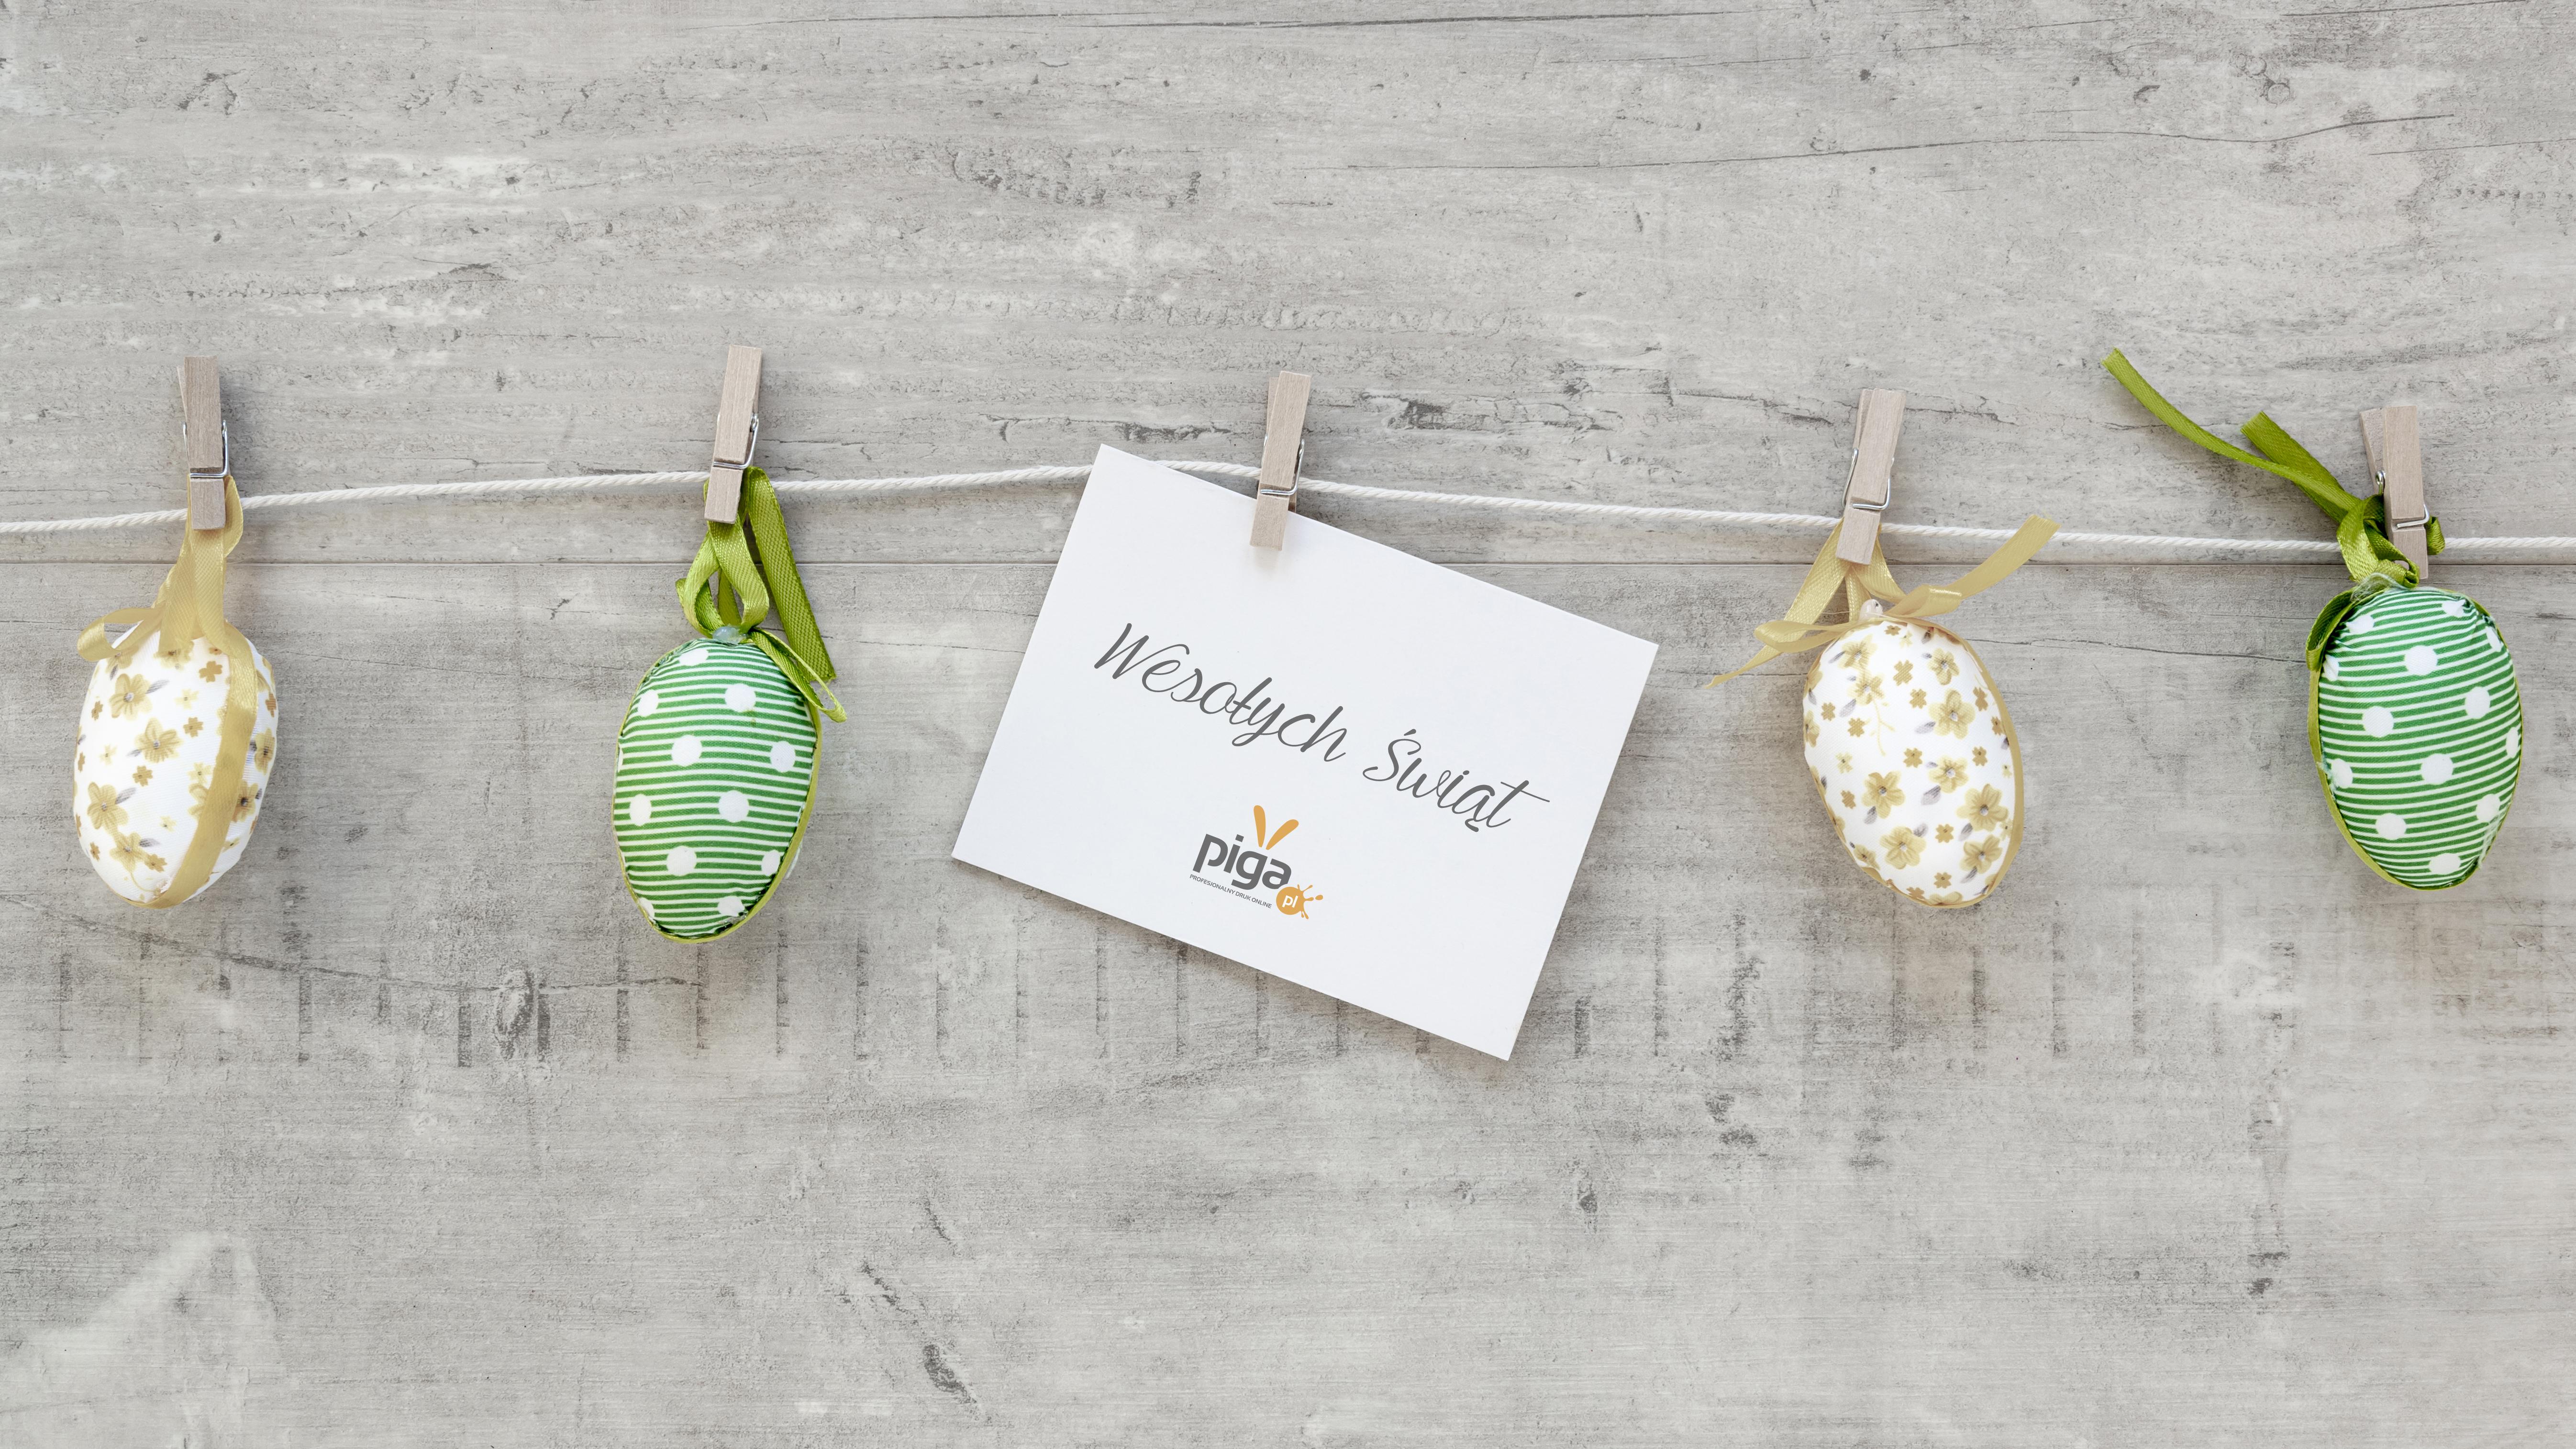 Działania marketingowe firm w okresie Wielkanocy – jakie możliwości wykorzystać?